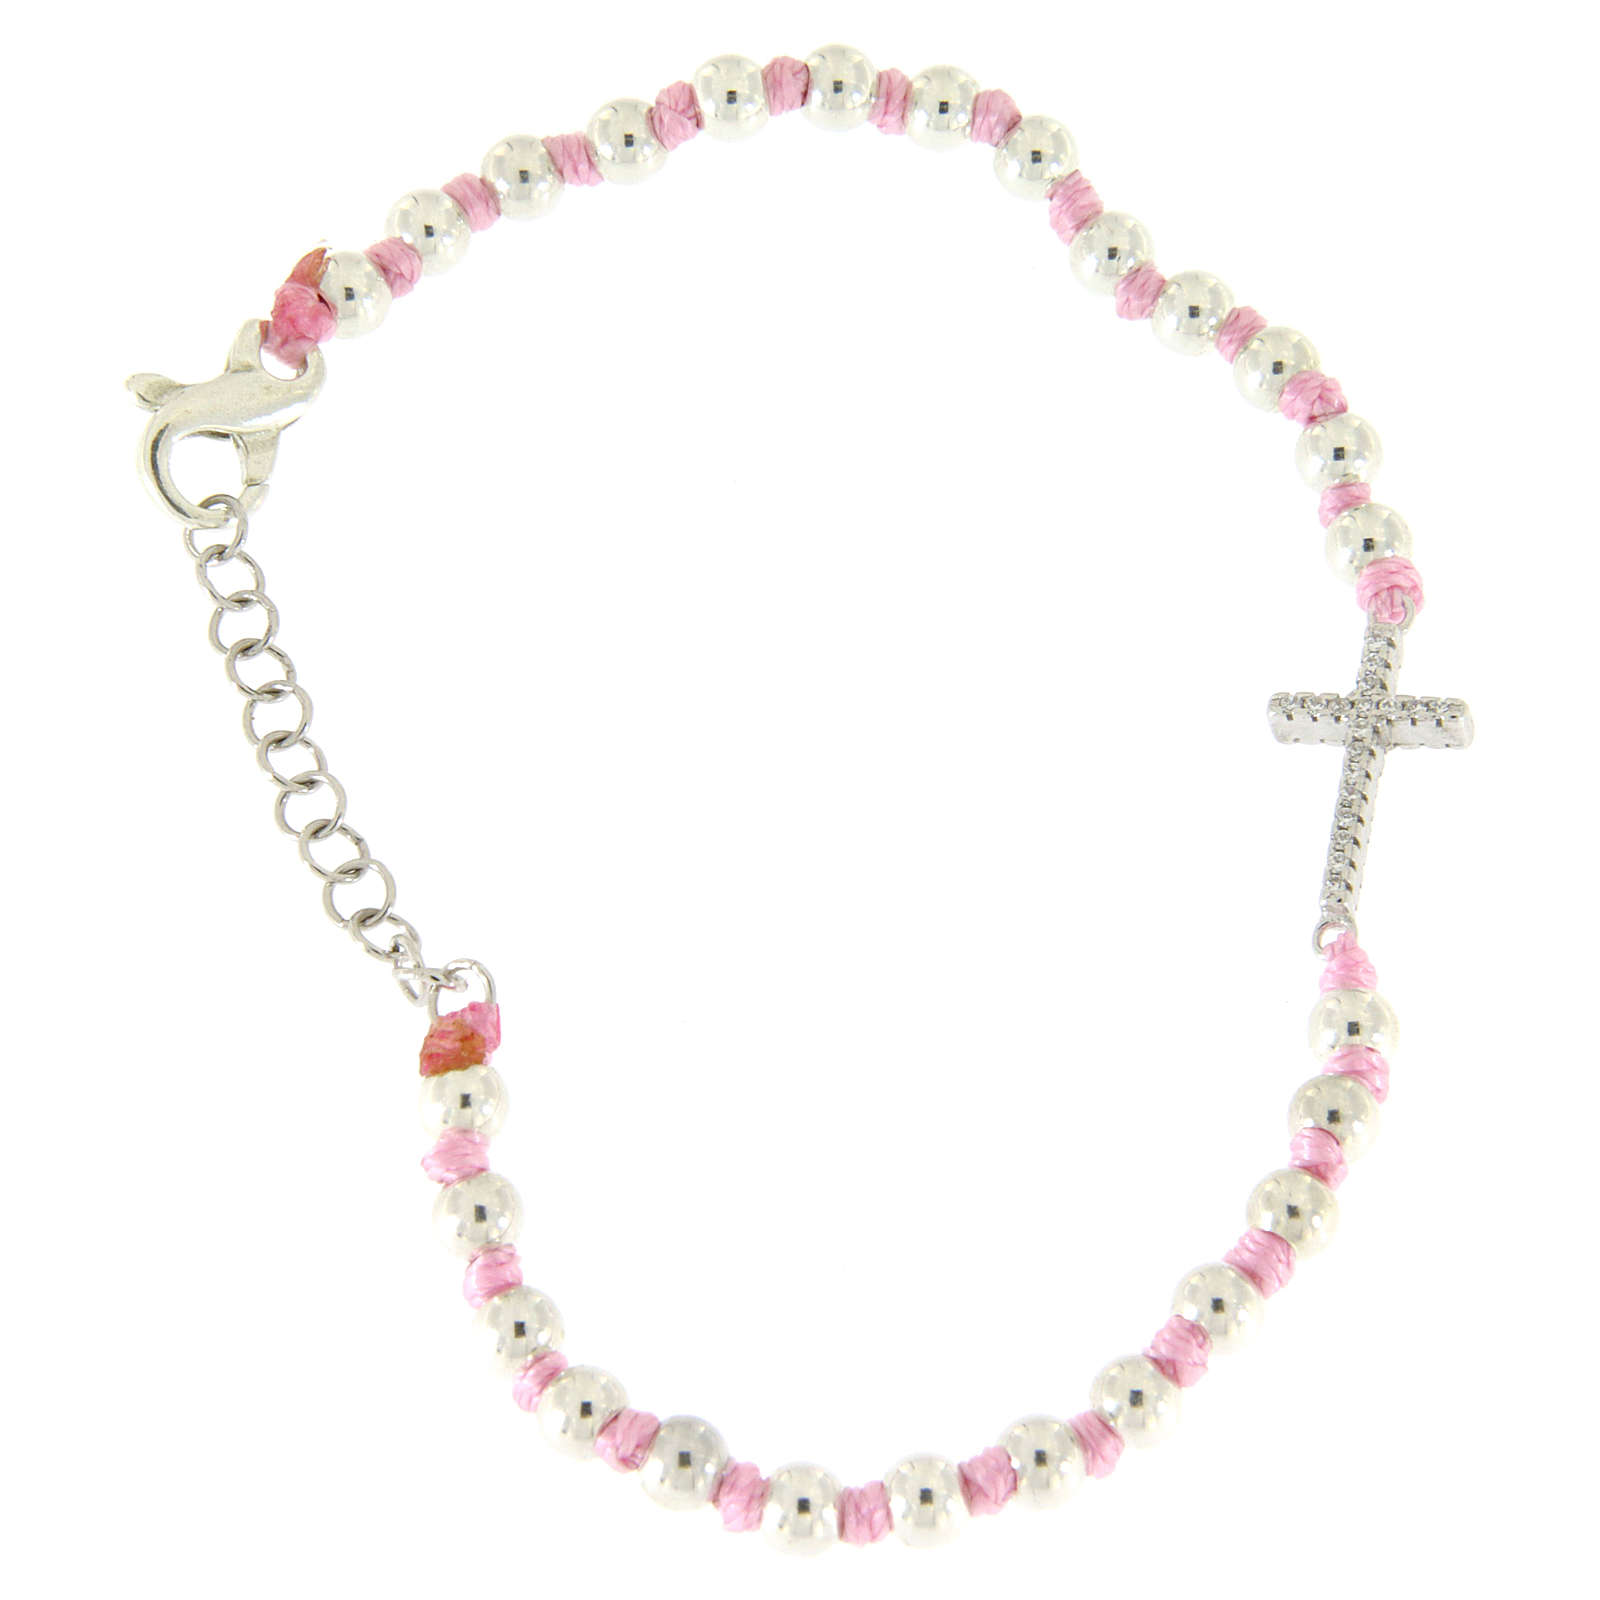 Bracciale croce argento e zirconi bianchi, sfere 3 mm separate da nodi cotone rosa 4